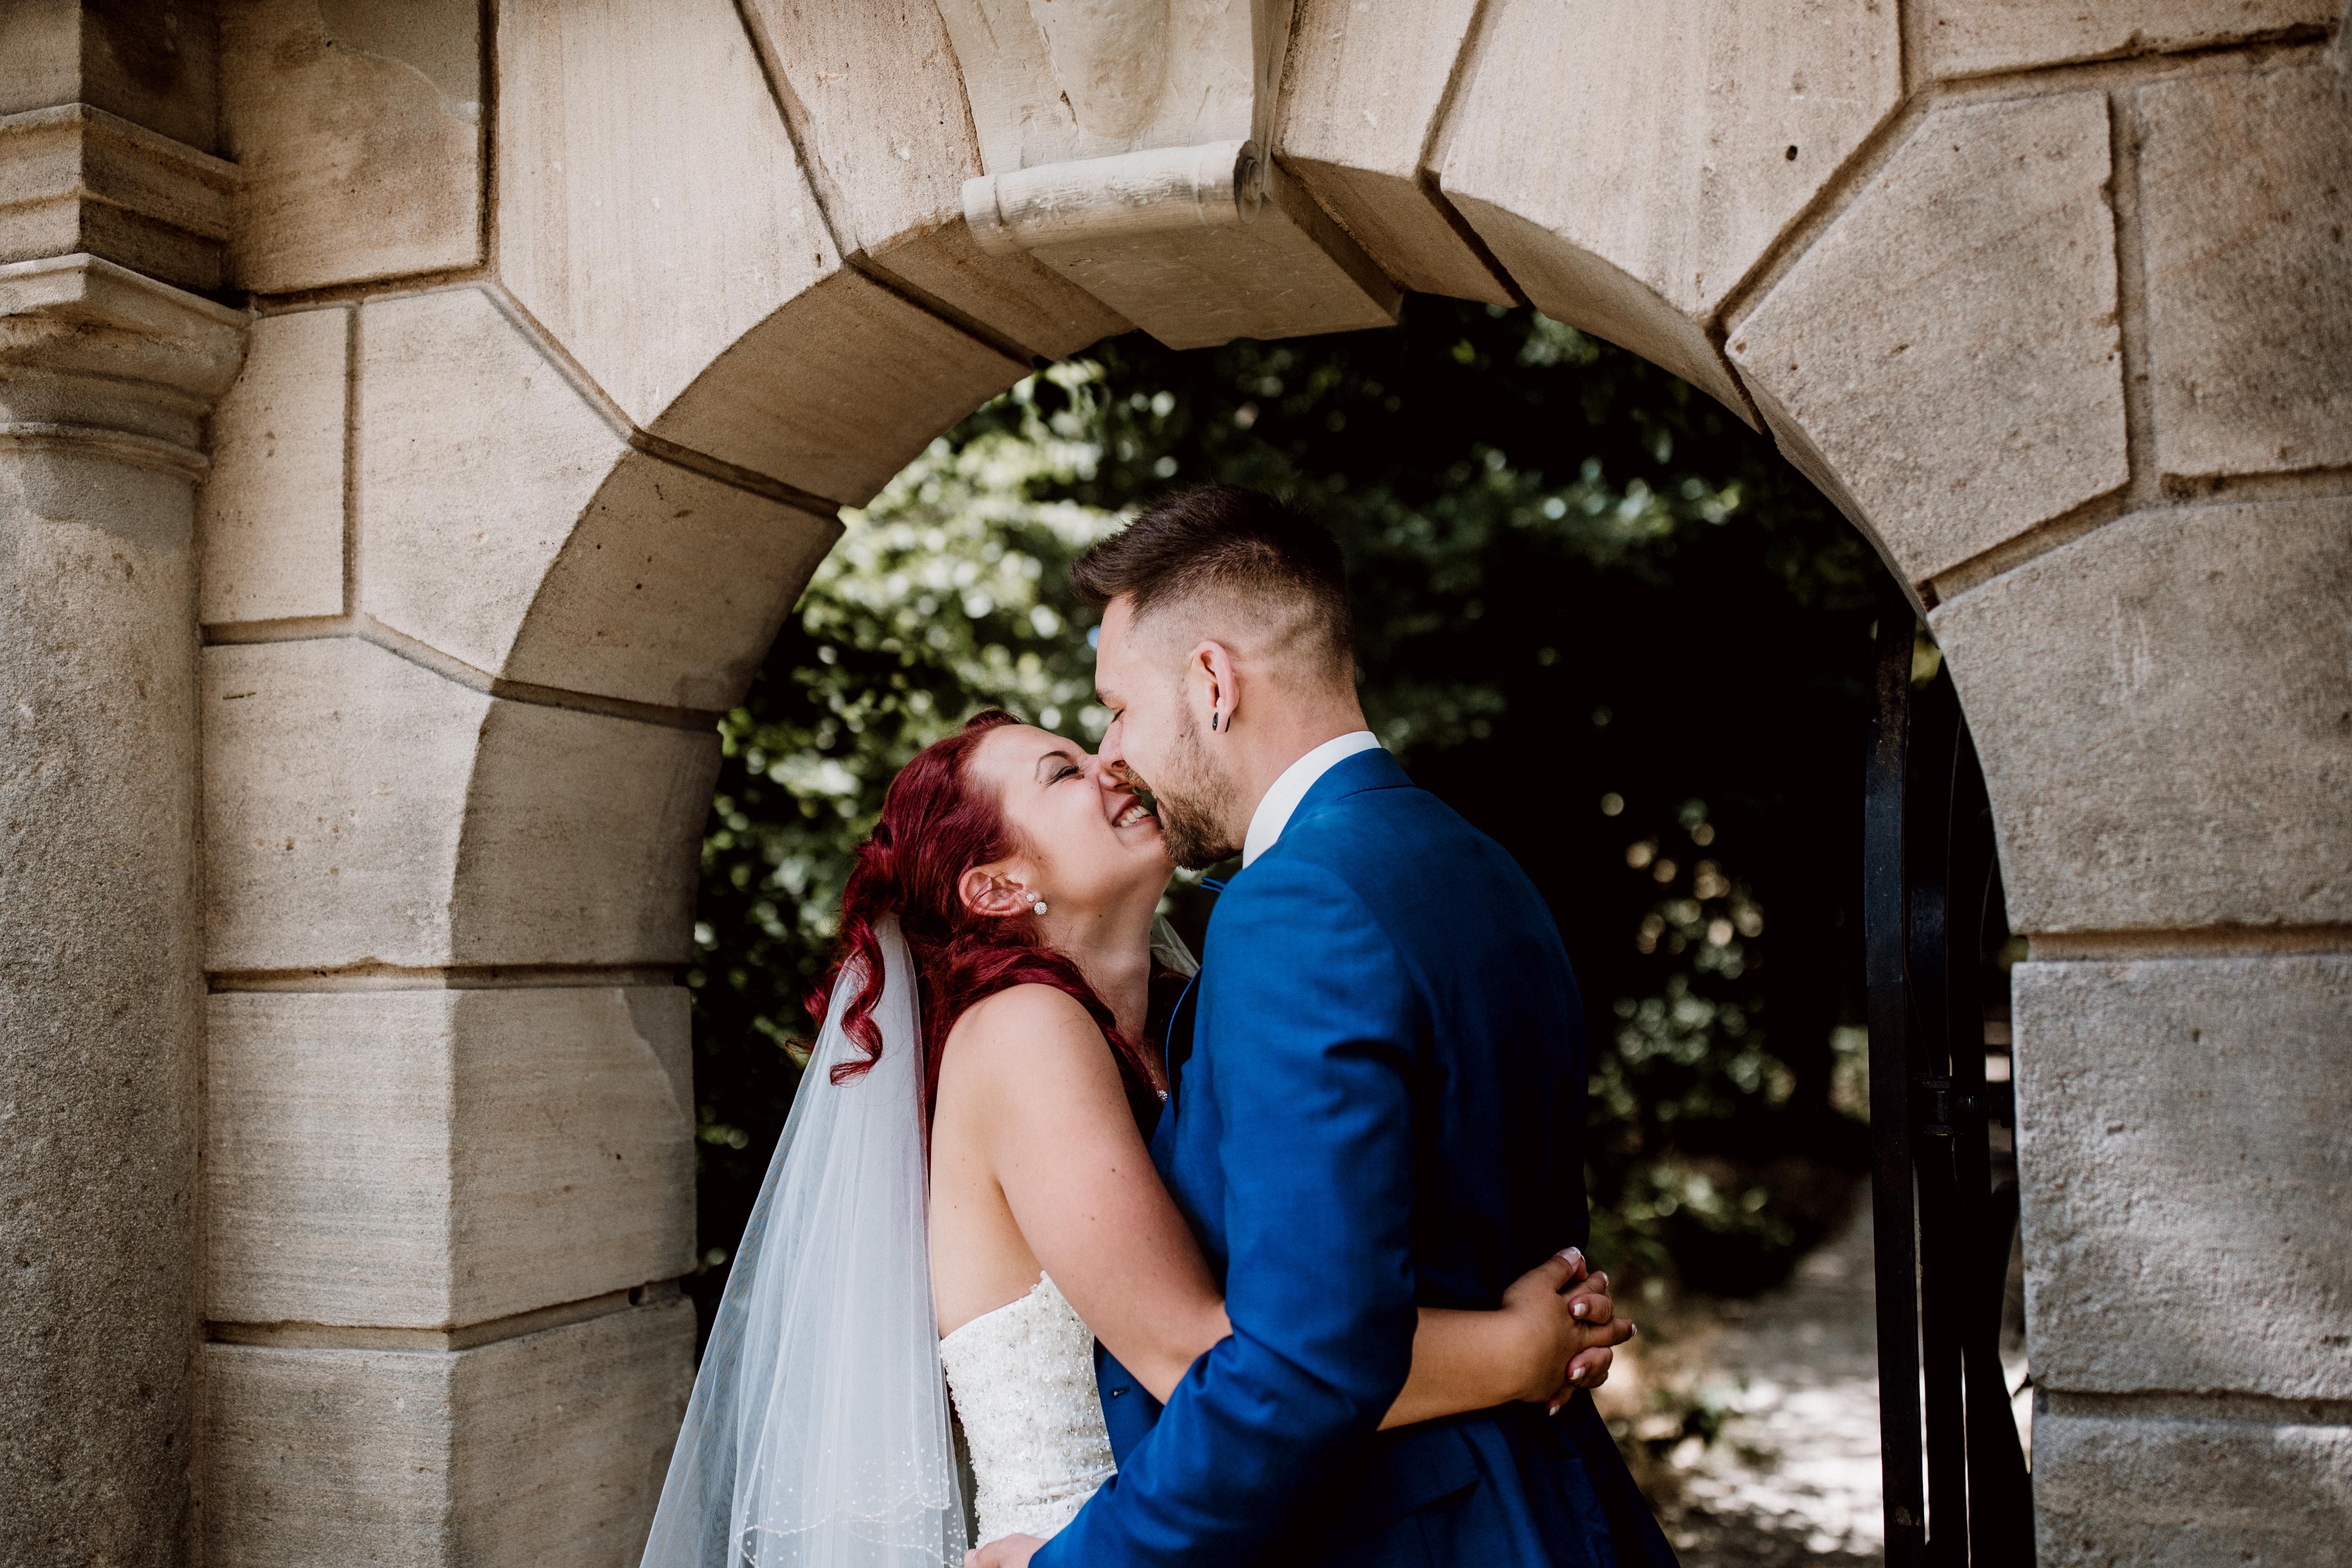 URBANERIE_Hochzeitsfotografin_Nürnberg_Fürth_Erlangen_Schwabach_170630_0454